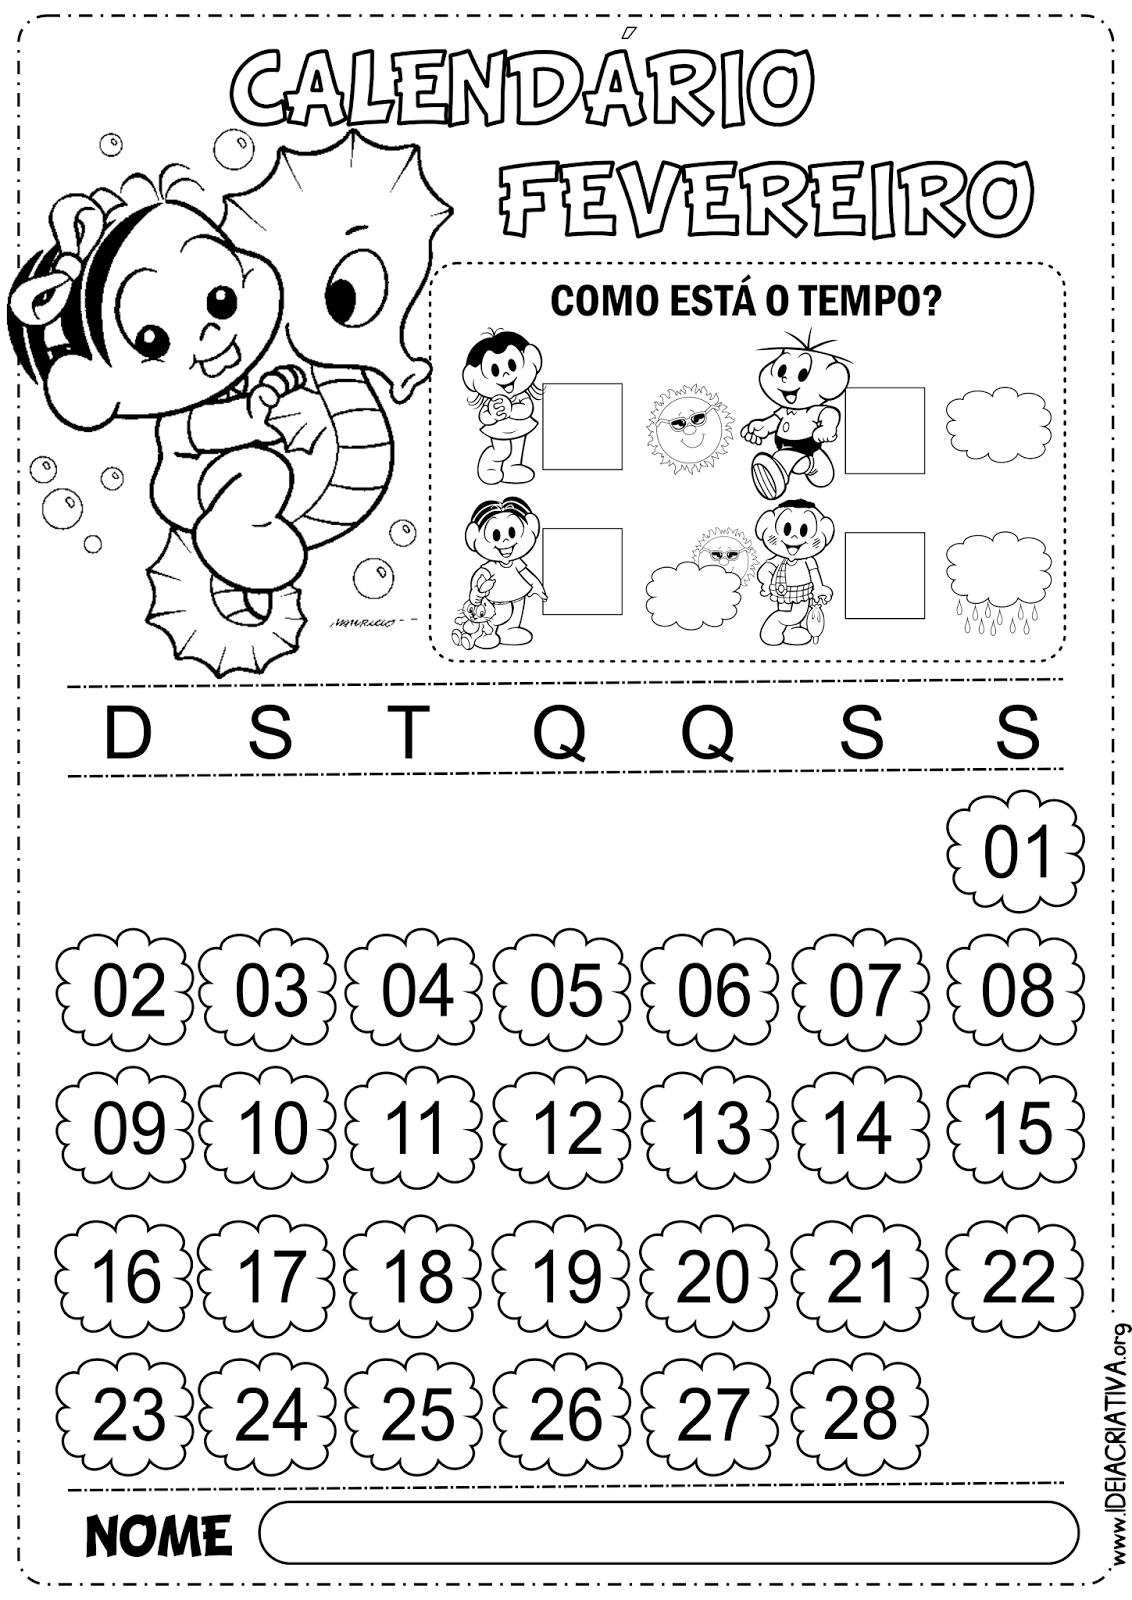 Calendários Fevereiro Turma da Mônica com e sem numeração